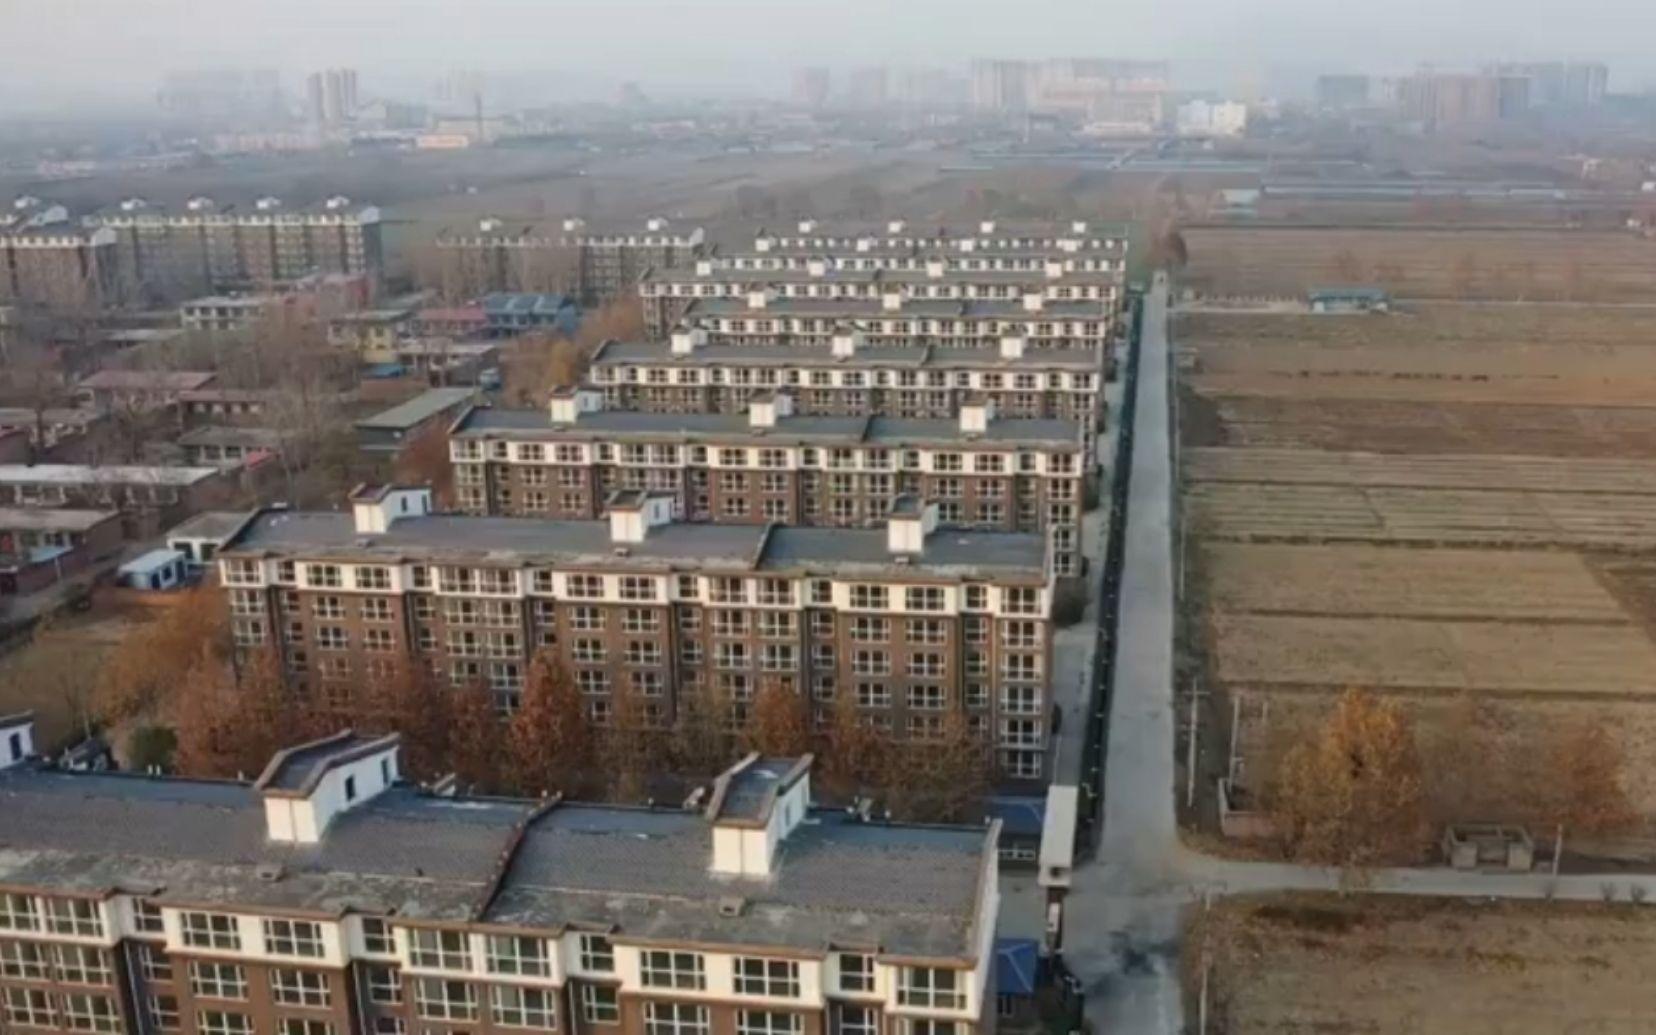 河北唐县新民居项目被指空置十年,官方称已成立调查组